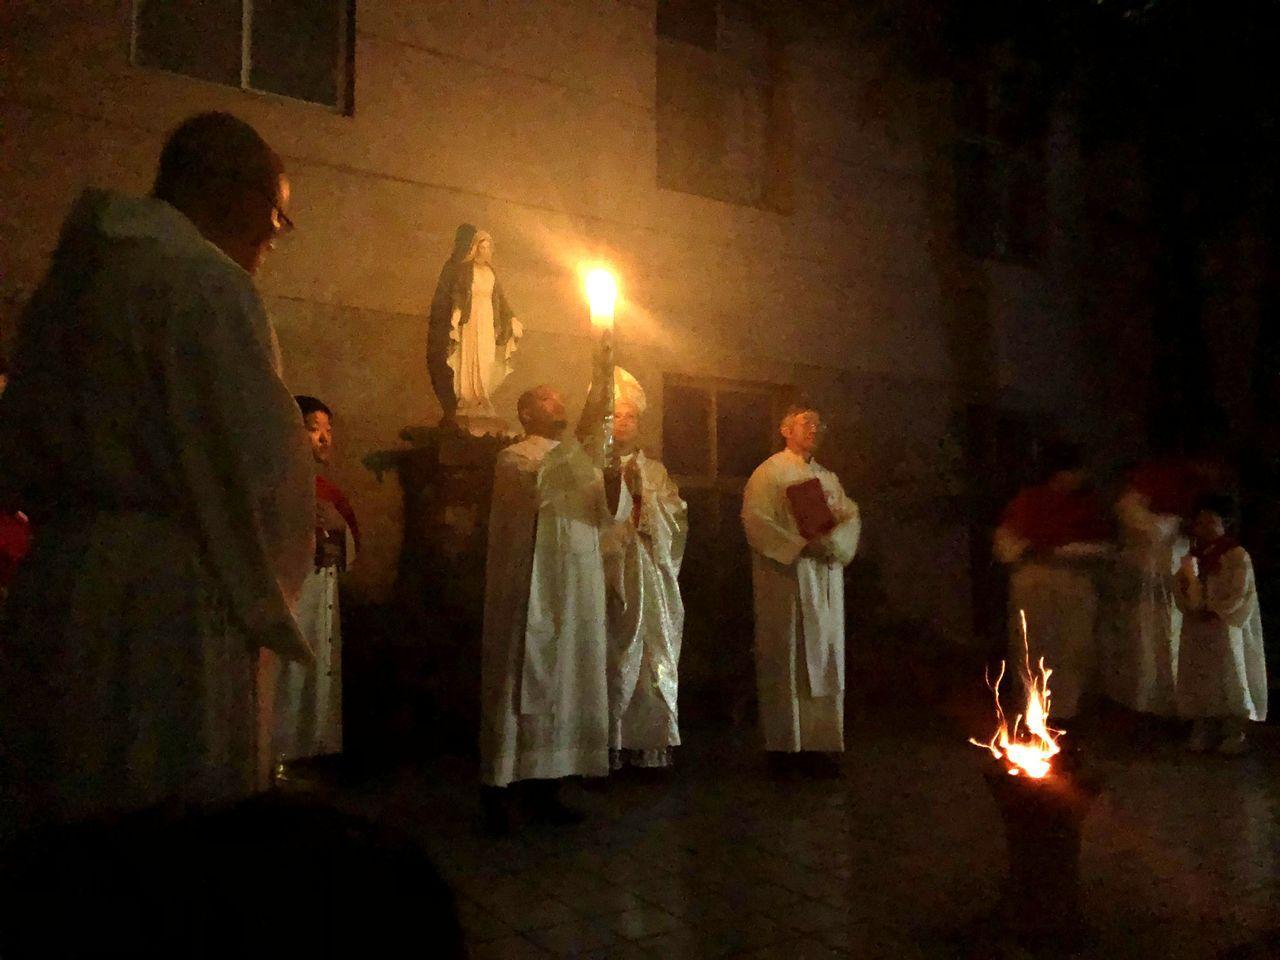 今天復活節,天主教嘉義教區主教鍾安住昨晚在聖若望主教座堂,主禮復活前夕彌撒,帶領...